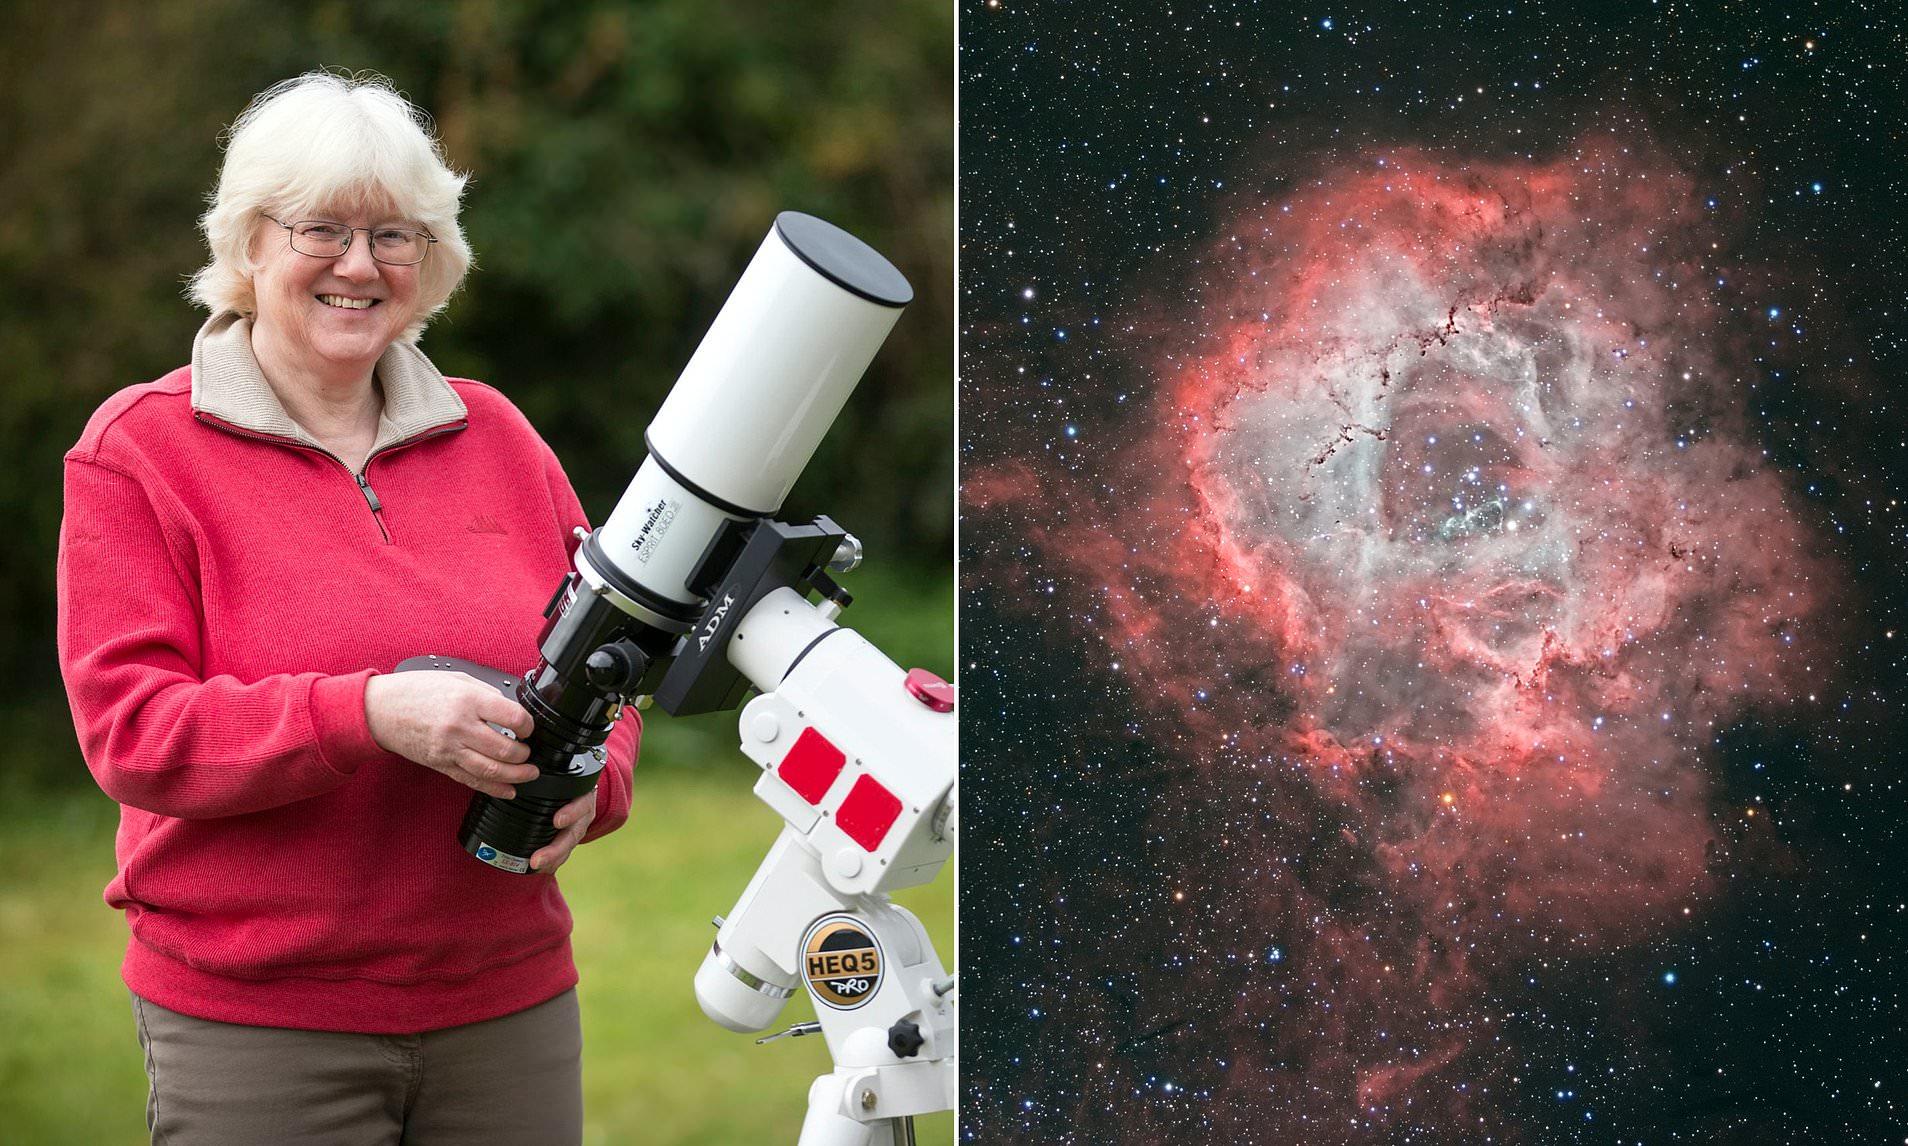 Vovó tirou foto espacial e até a NASA mostrou interesse em sua arte